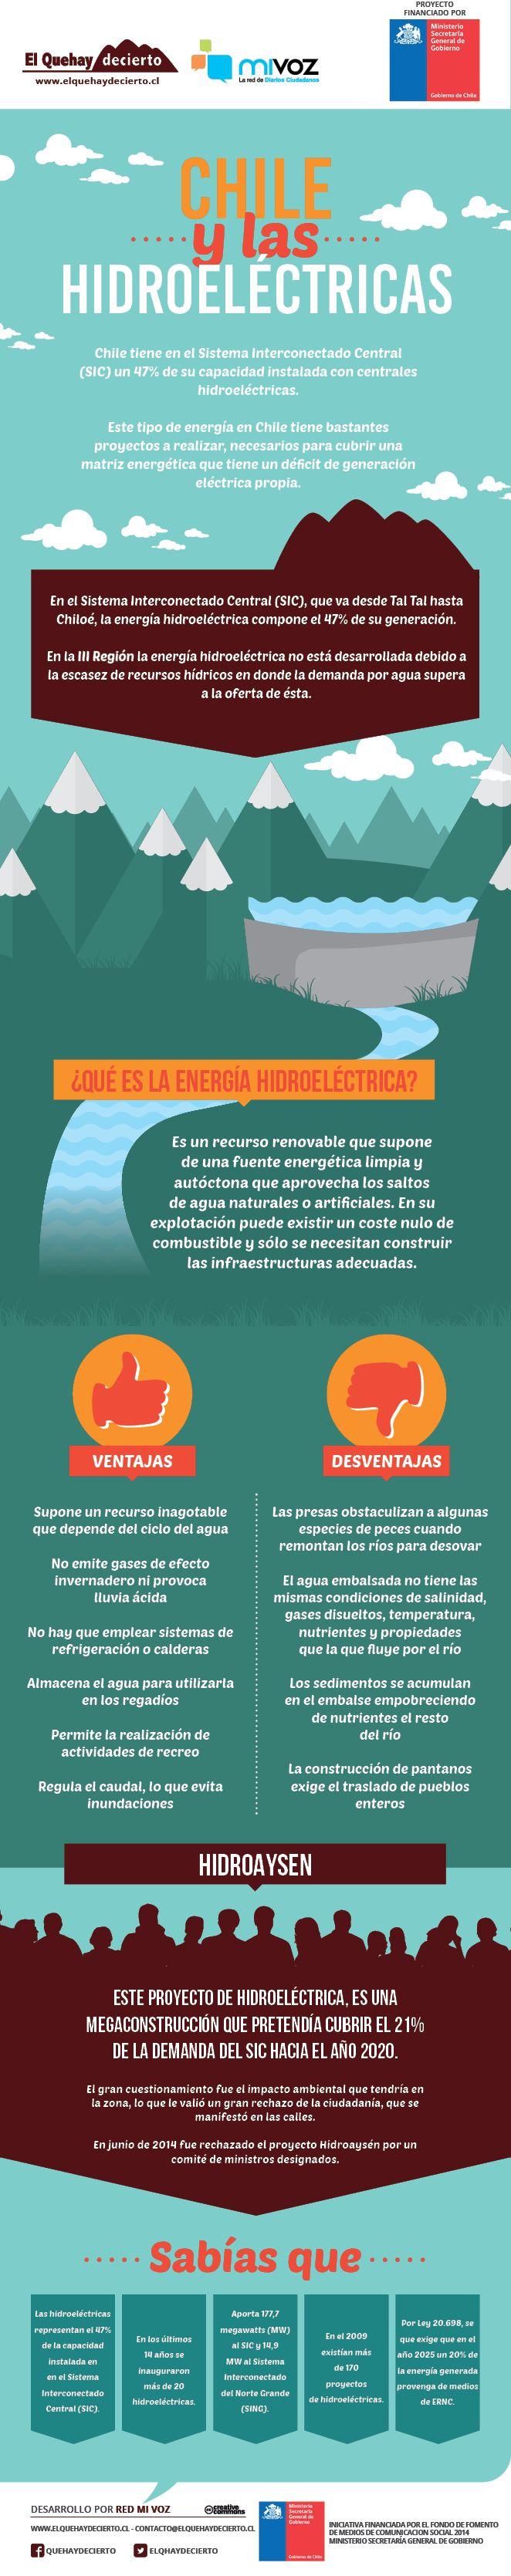 [Infografía] La generación de energía de las hidroeléctricas | El QueHayDecierto.cl , Noticias de Copiapó y Atacama